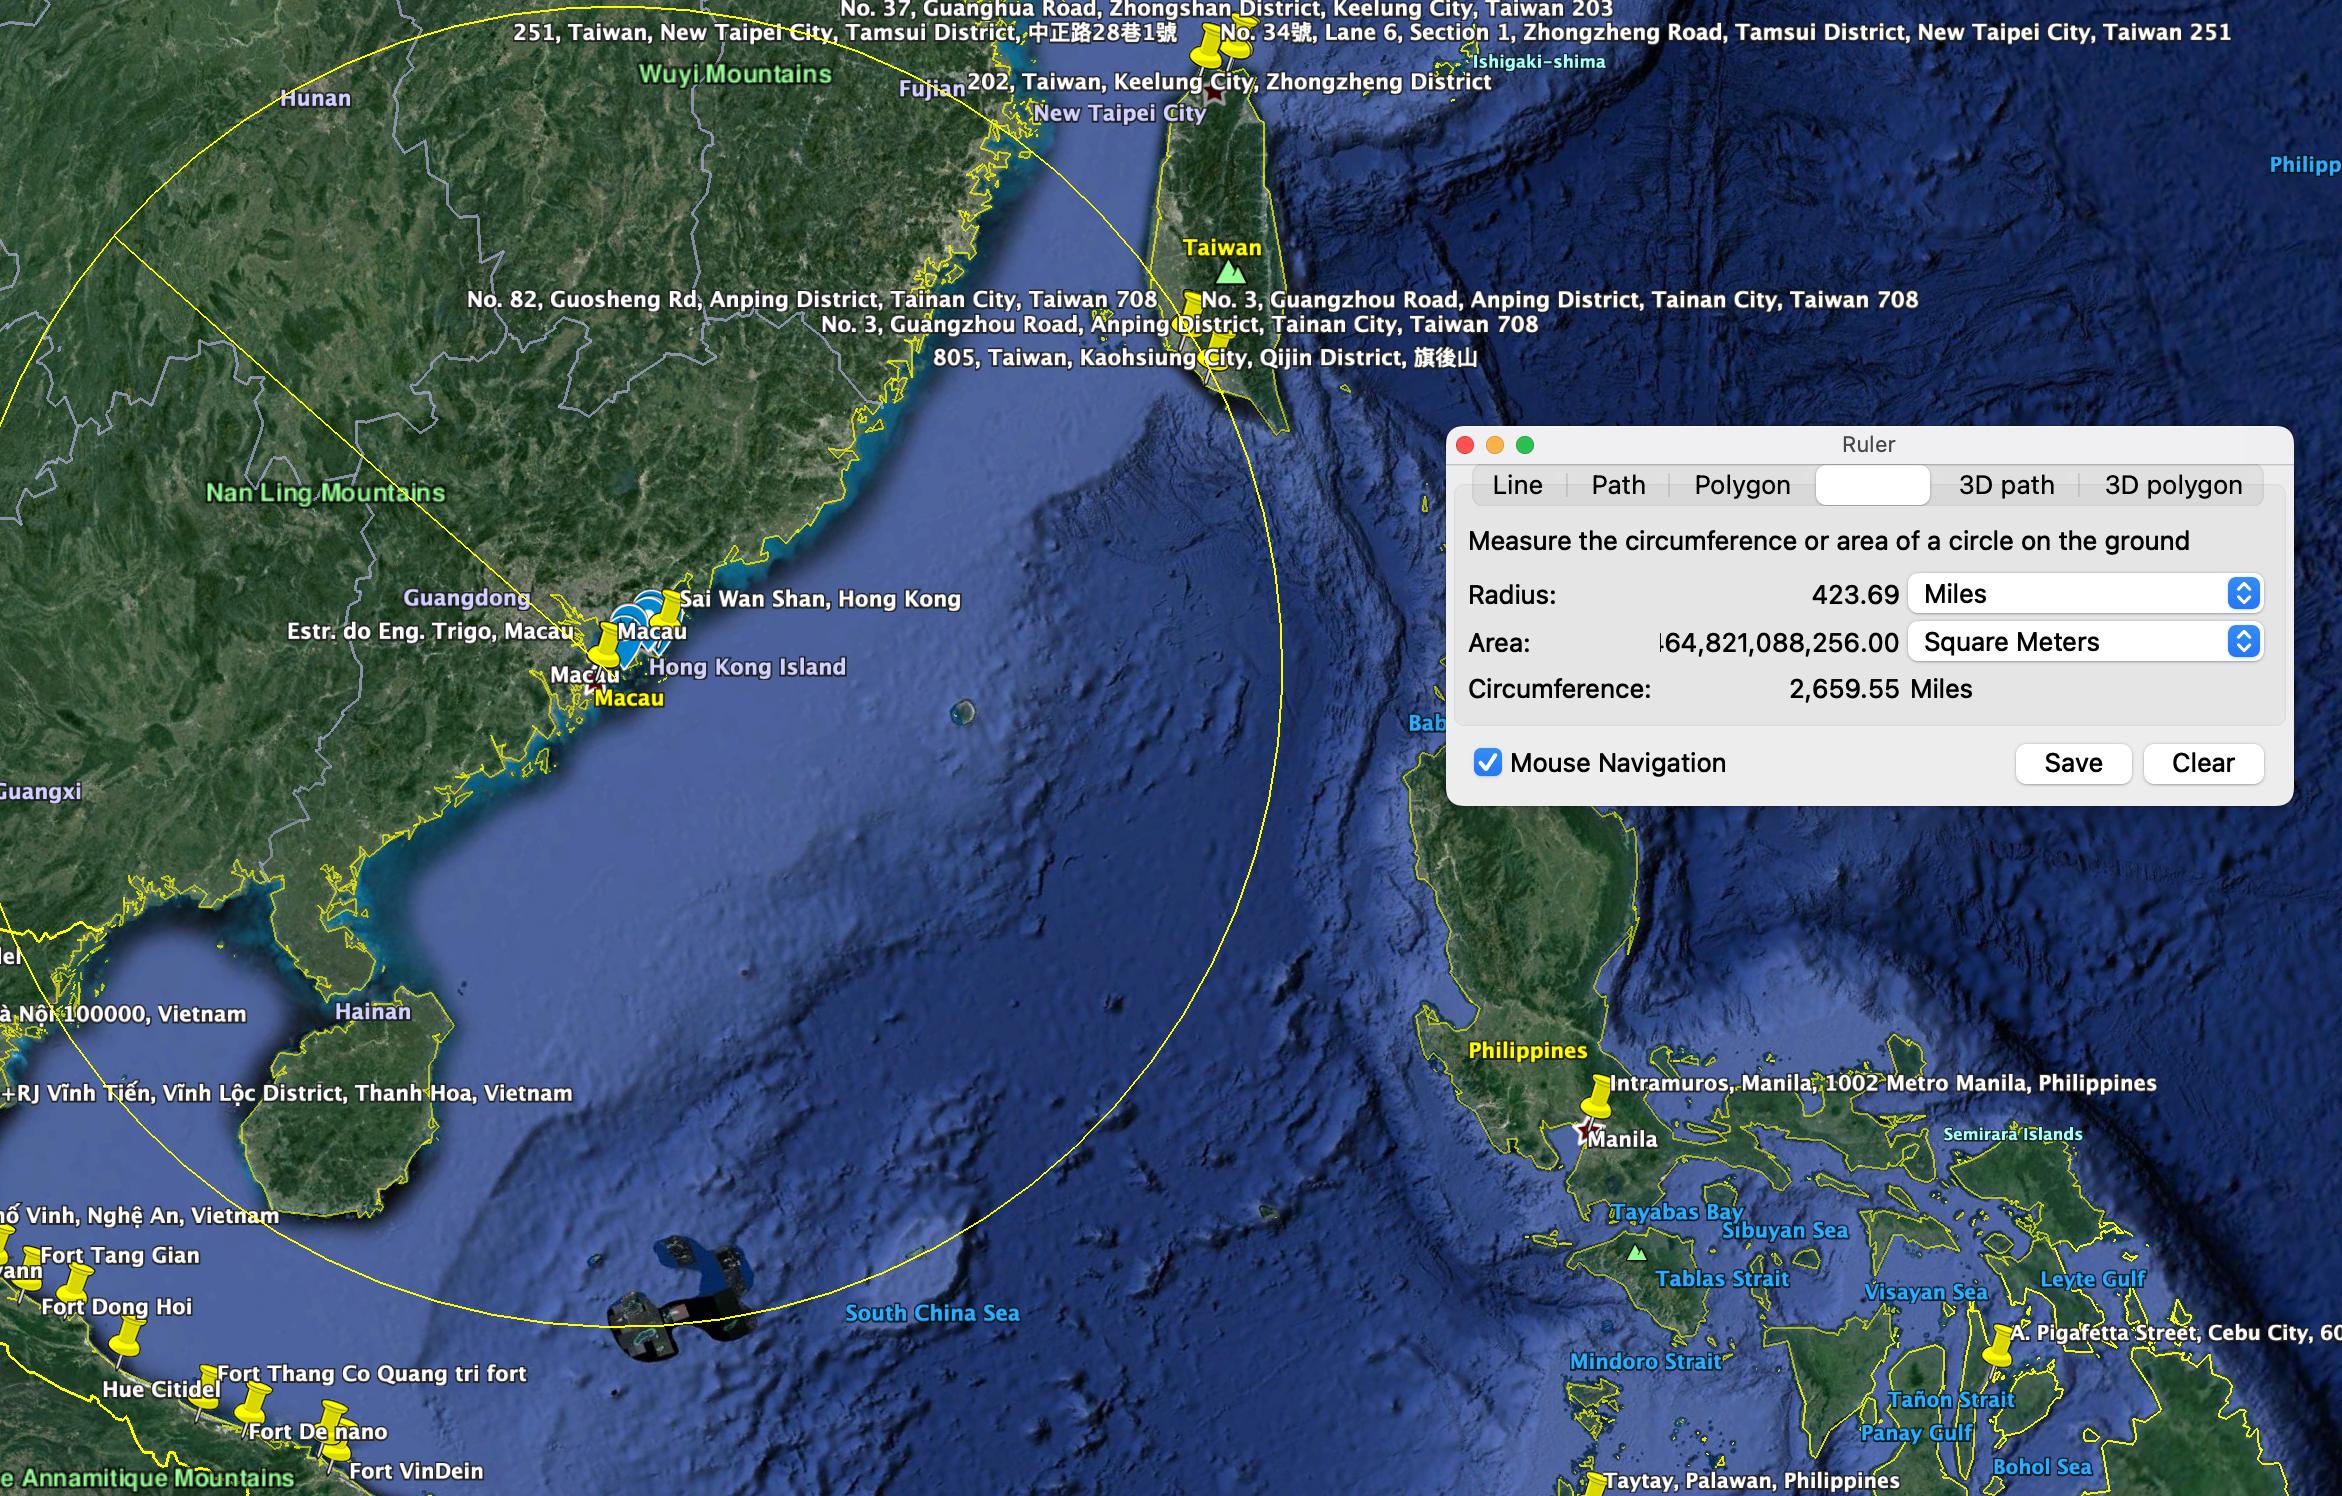 Screenshot 2021-04-05 at 14.22.58.png